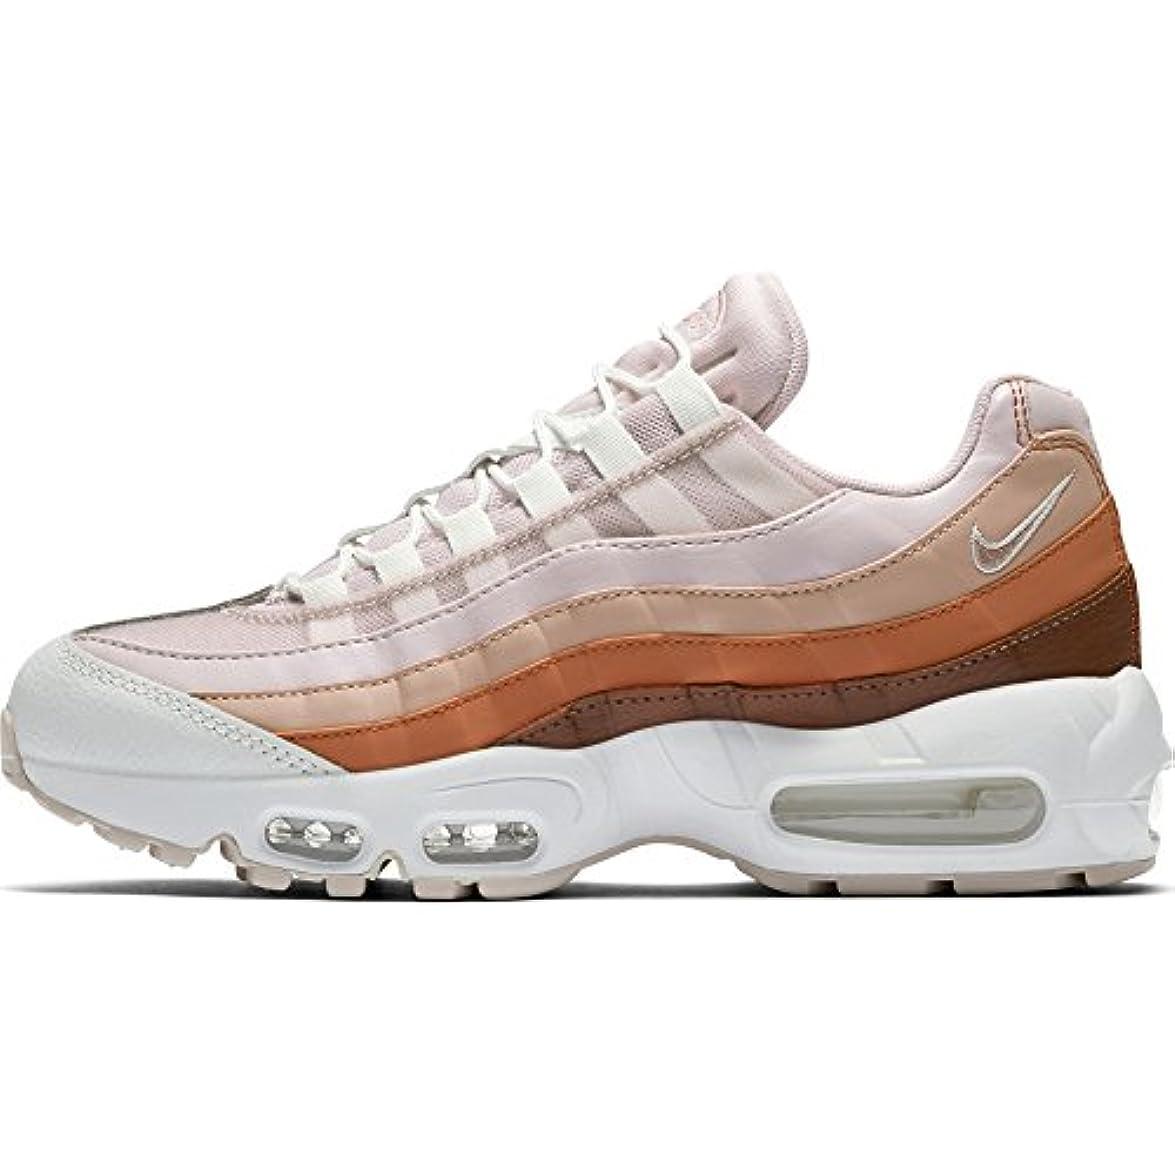 Nike Scarpe Donna Wmns Air Max 95 Shoe 307960 604